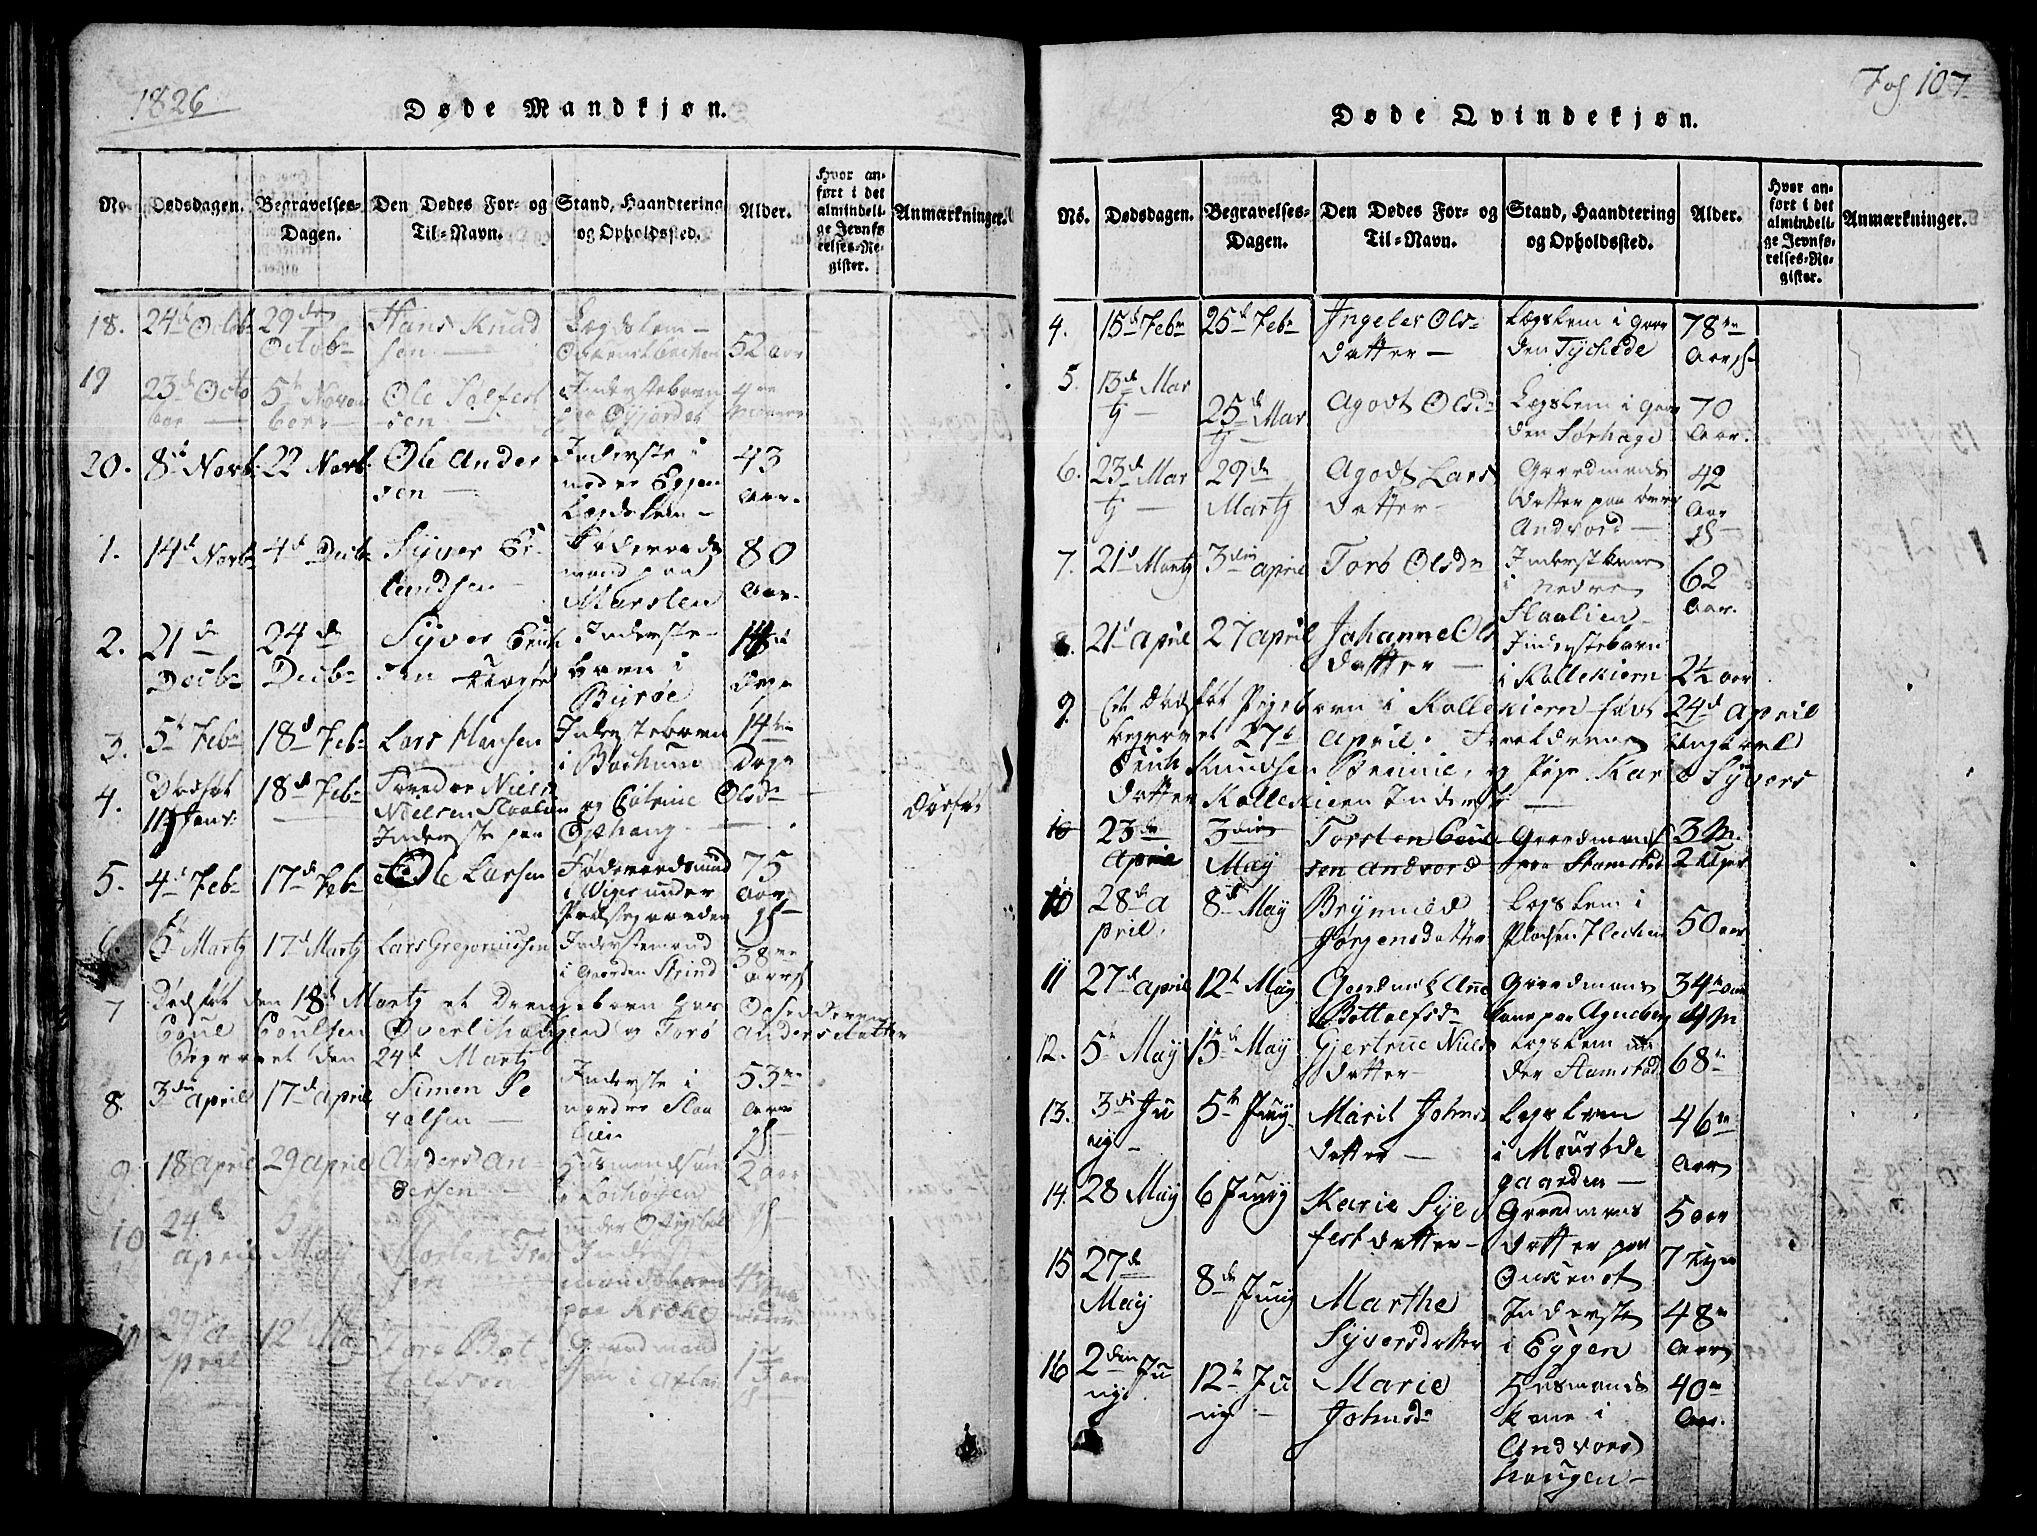 SAH, Lom prestekontor, L/L0001: Klokkerbok nr. 1, 1815-1836, s. 107